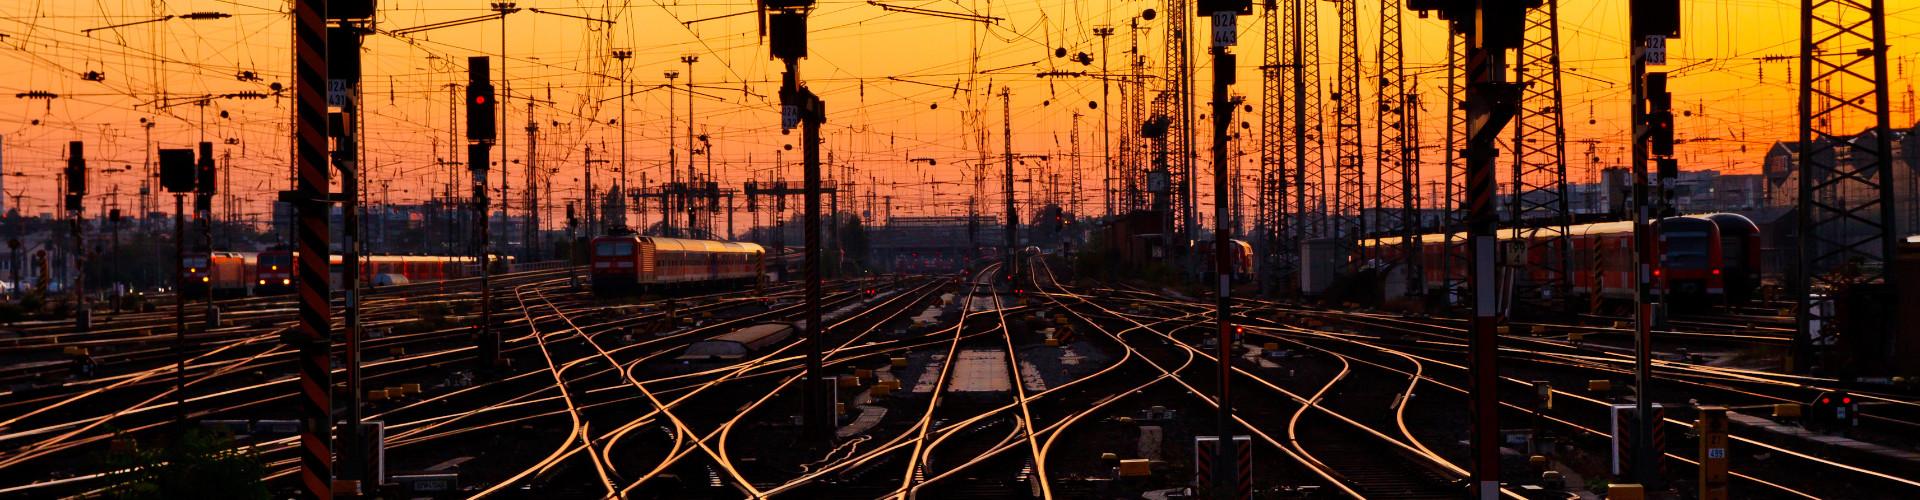 Eisenbahnschienen © Adobe, Adobe